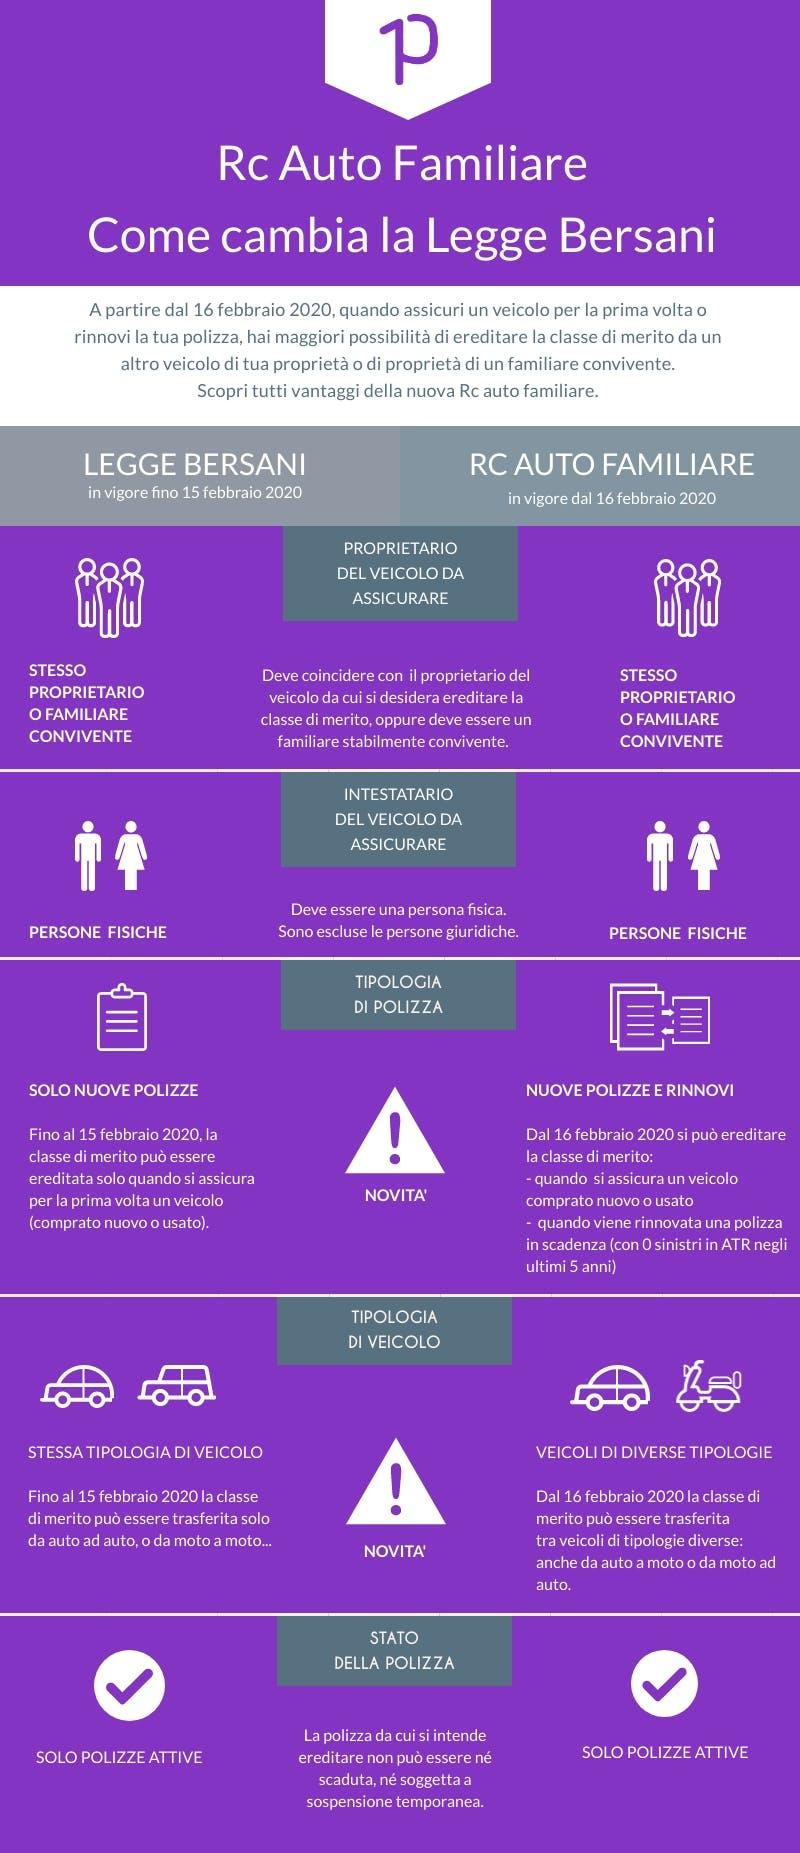 Rc auto familiare: cosa cambia rispetto alla Legge Bersani